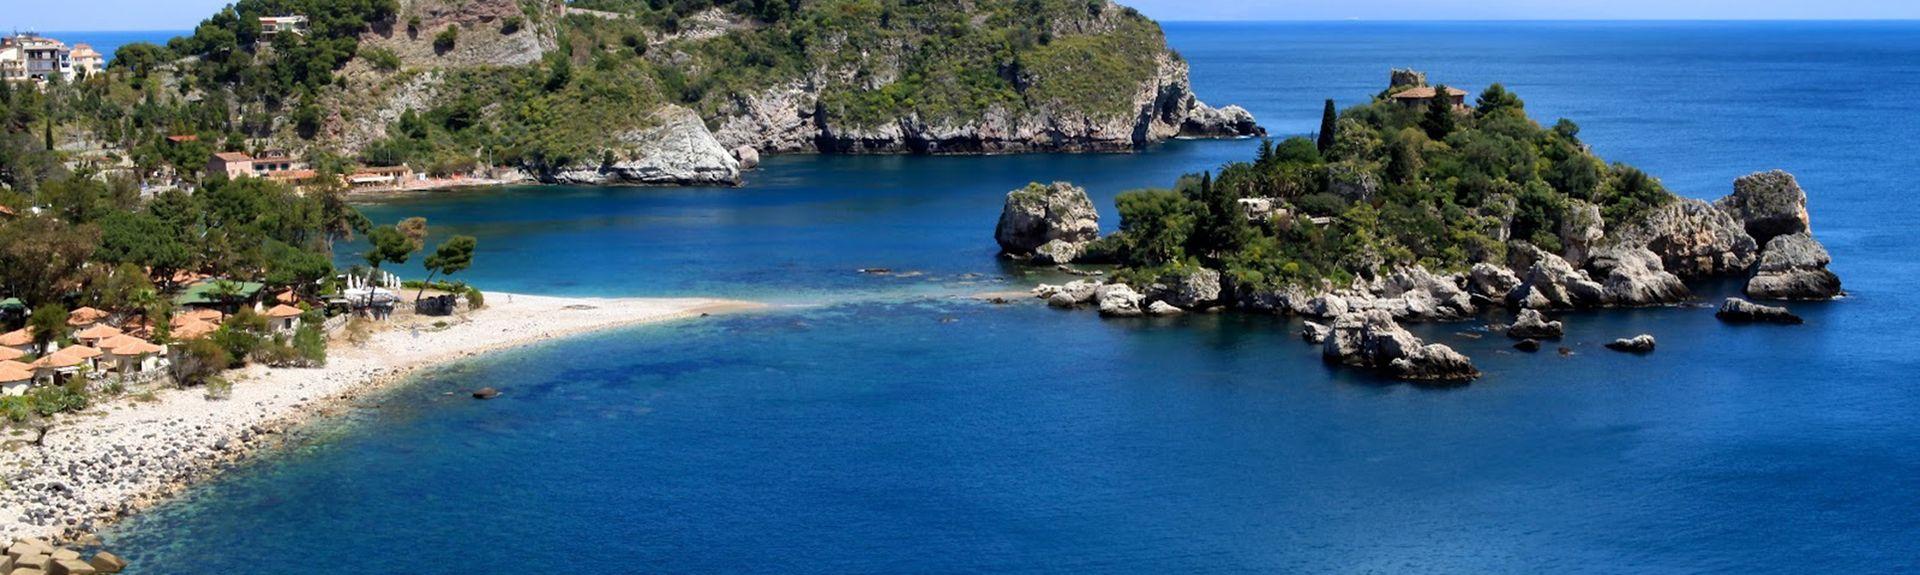 Όρος Αίτνα, Σικελία, Ιταλία